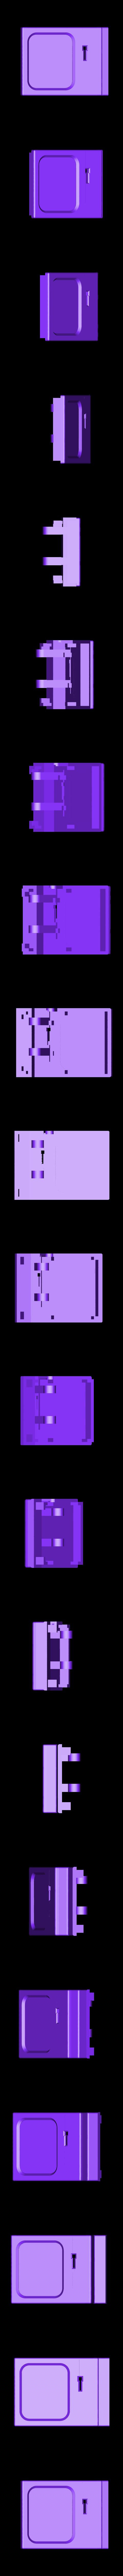 front_plate.stl Télécharger fichier STL gratuit Mini Macintosh • Modèle à imprimer en 3D, GadgetsThatGo